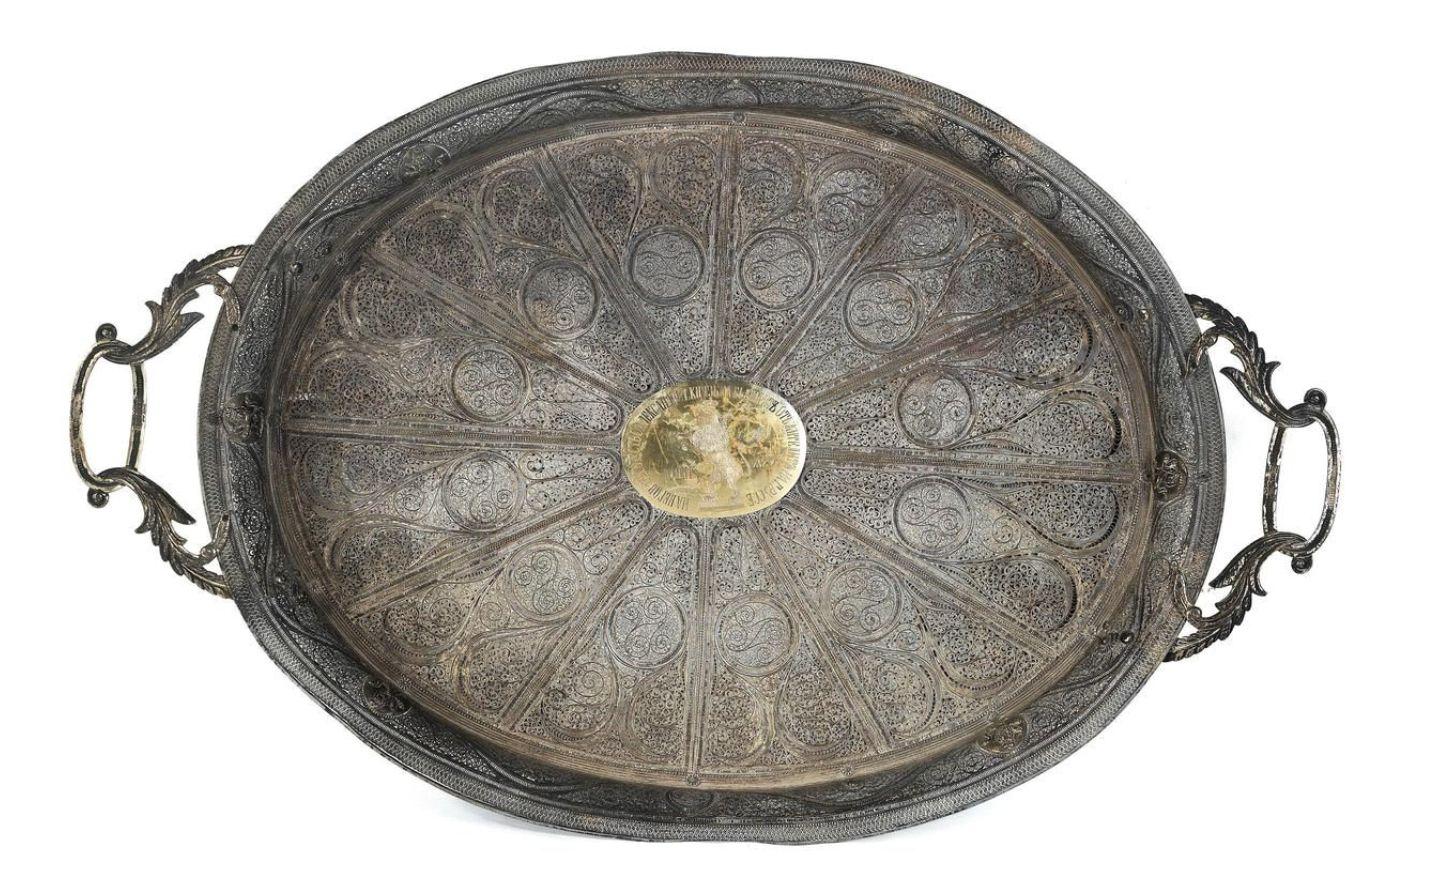 Сребърна табла на първия български княз Александър Първи, която е подарена от русенци, предлага на своите клиенти австрийски аукцион, който е един от най-големите в Европа